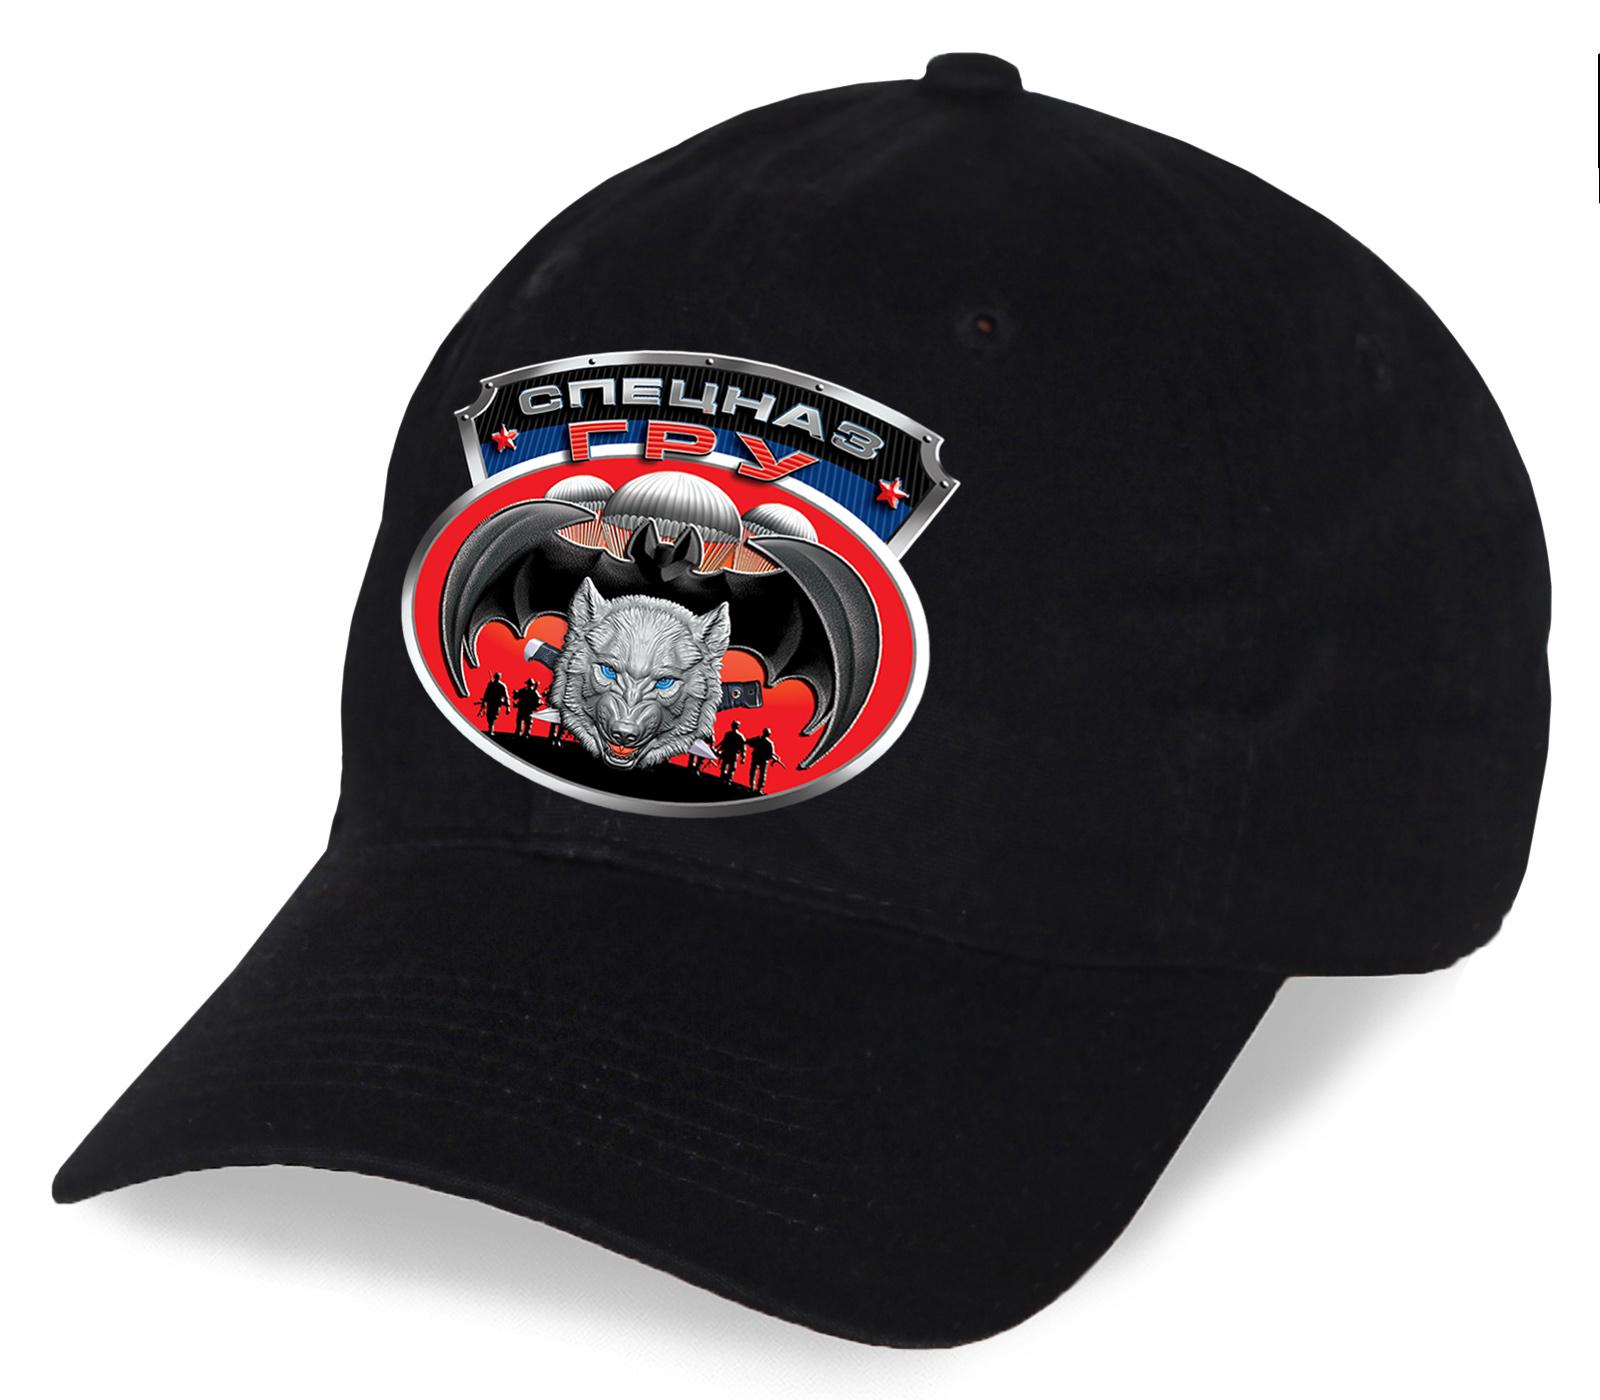 Черная бейсболка с эмблемой спецназа ГРУ